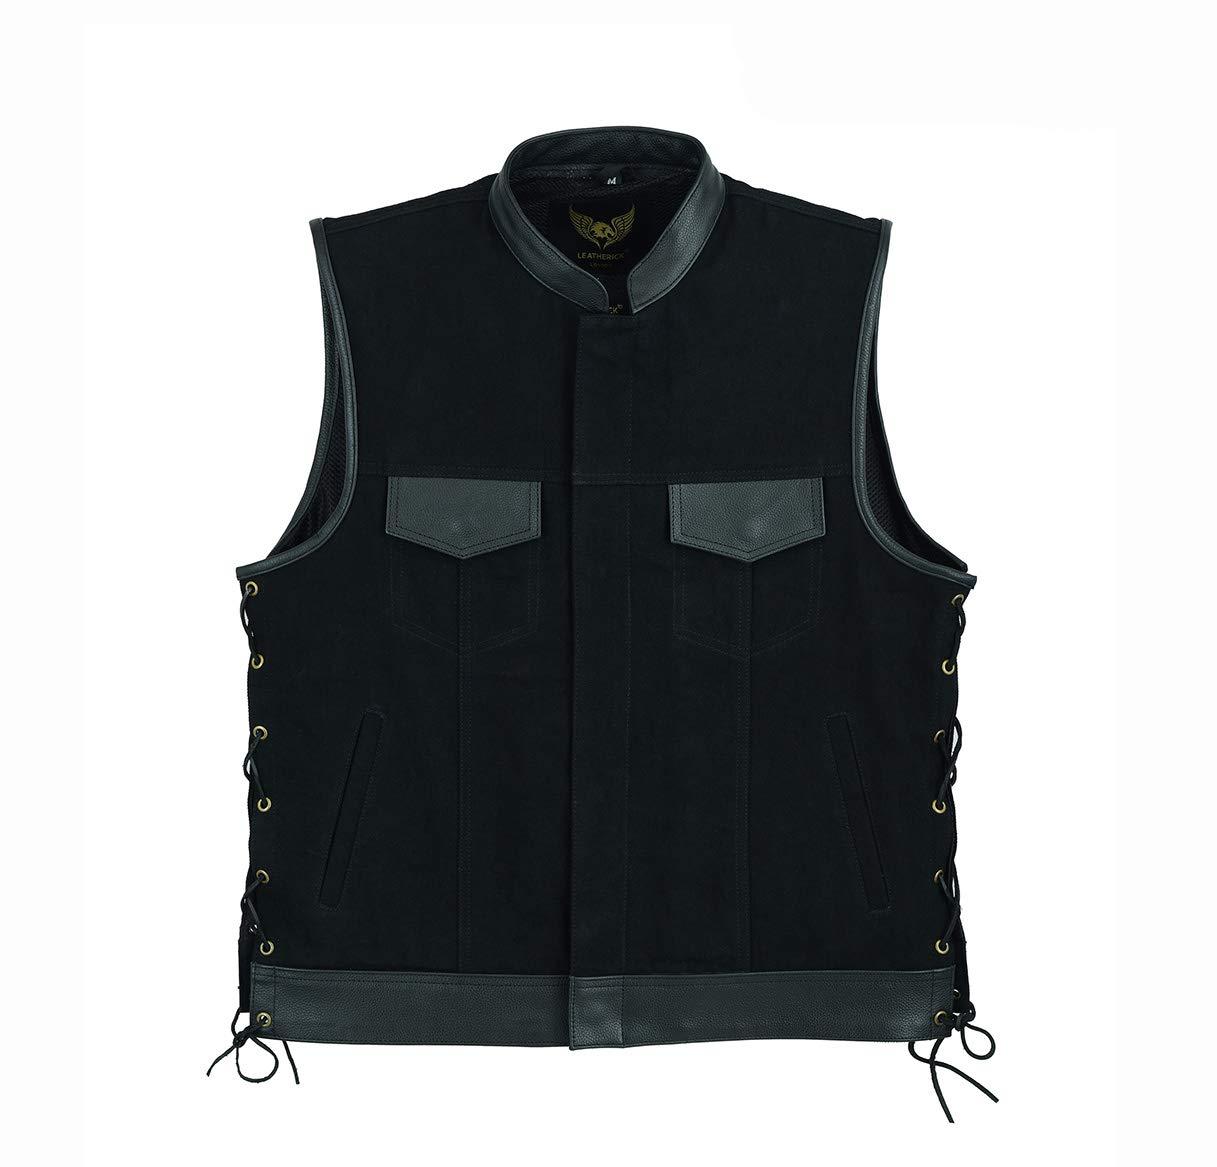 Leatherick Chaleco de piel de color negro con cordones con bolsillos para pistola.